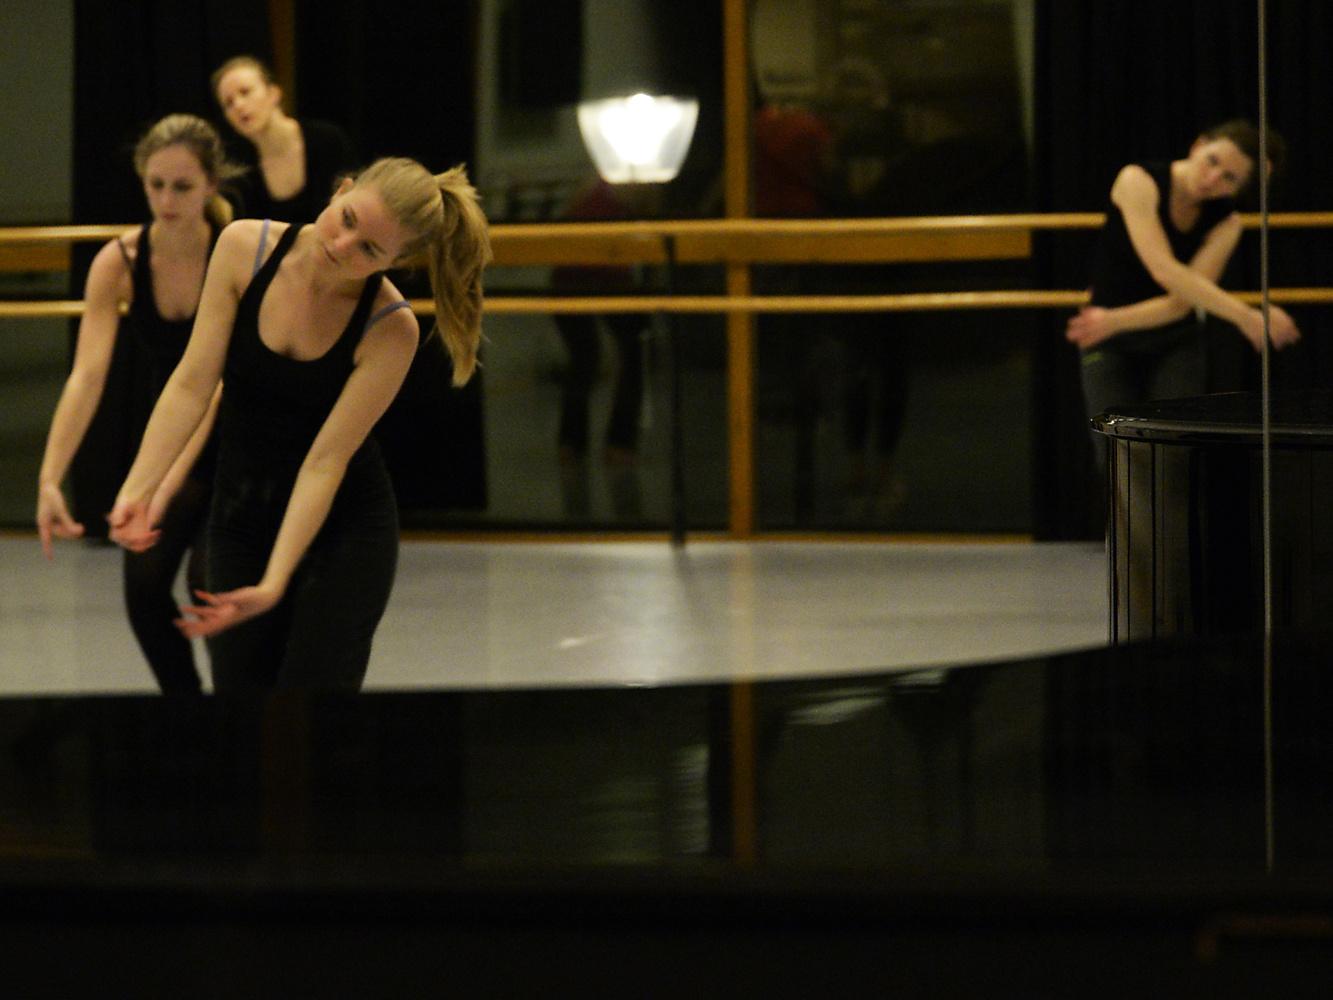 Kledingadvies dans